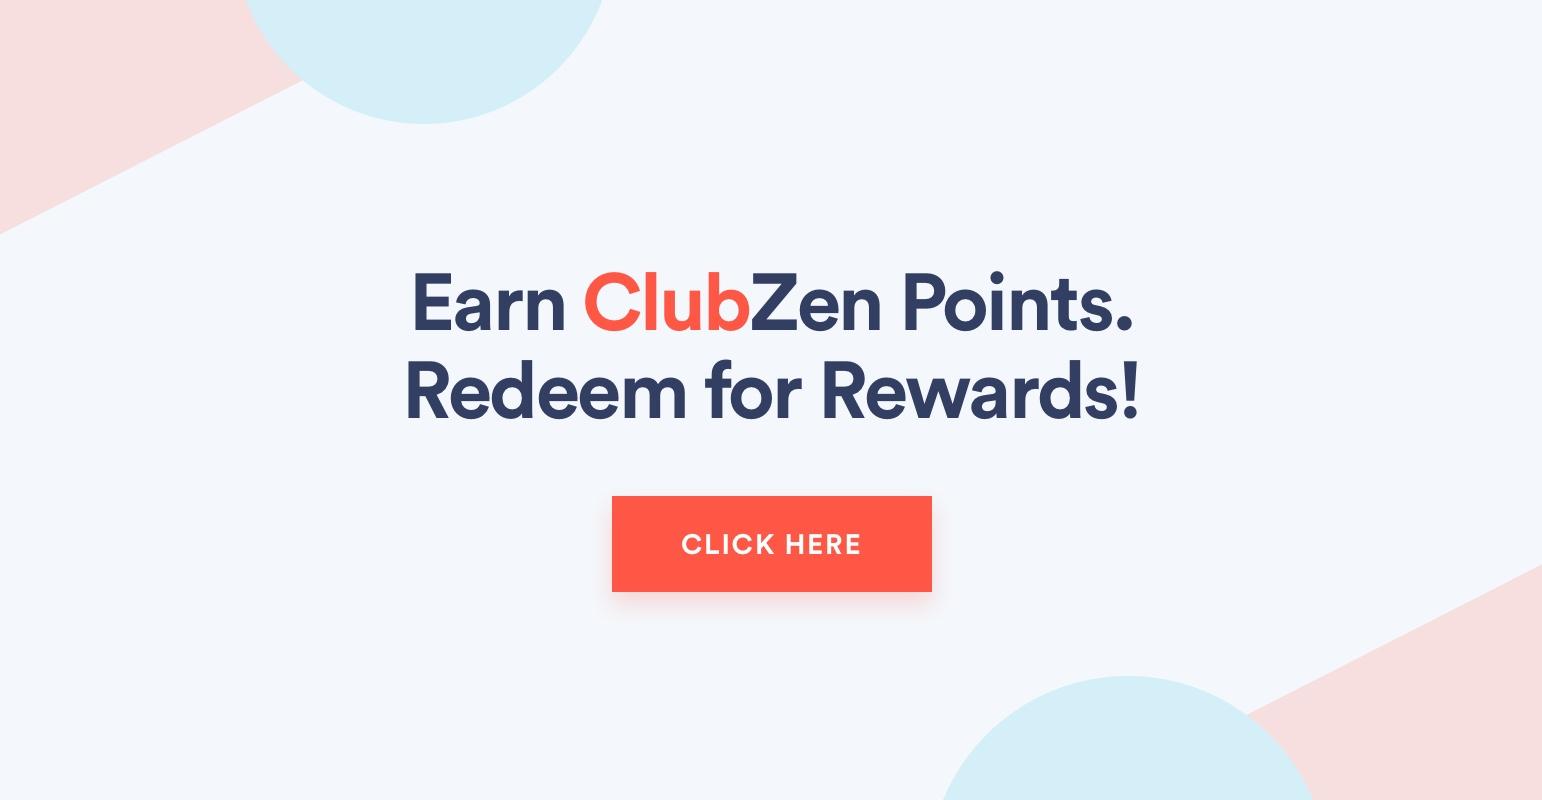 Club Zen Rewards